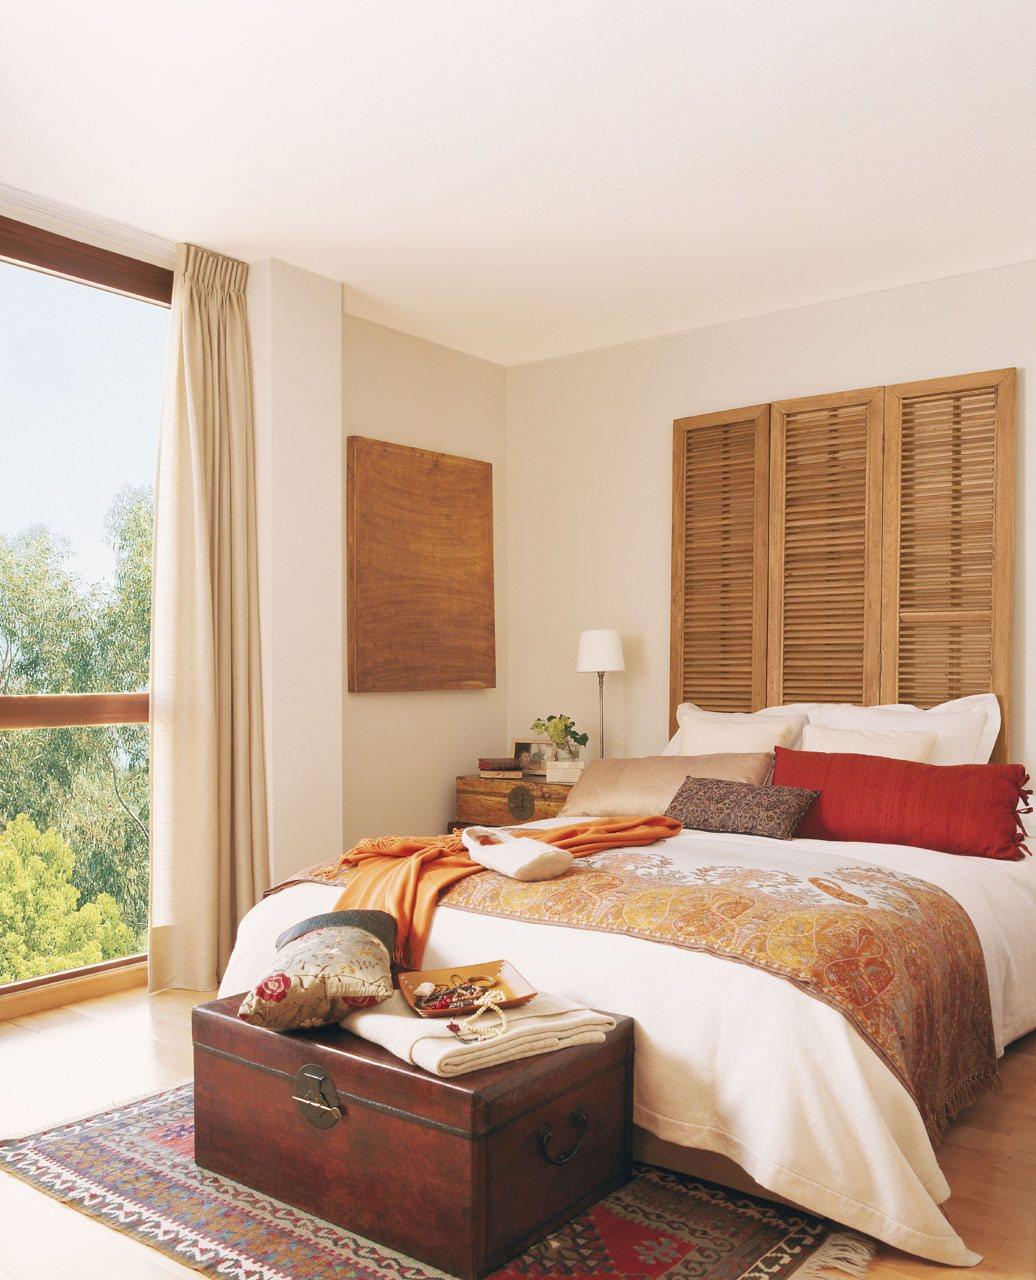 Trucos para recuperar muebles y piezas de decoraci n viejas - Baul para dormitorio ...